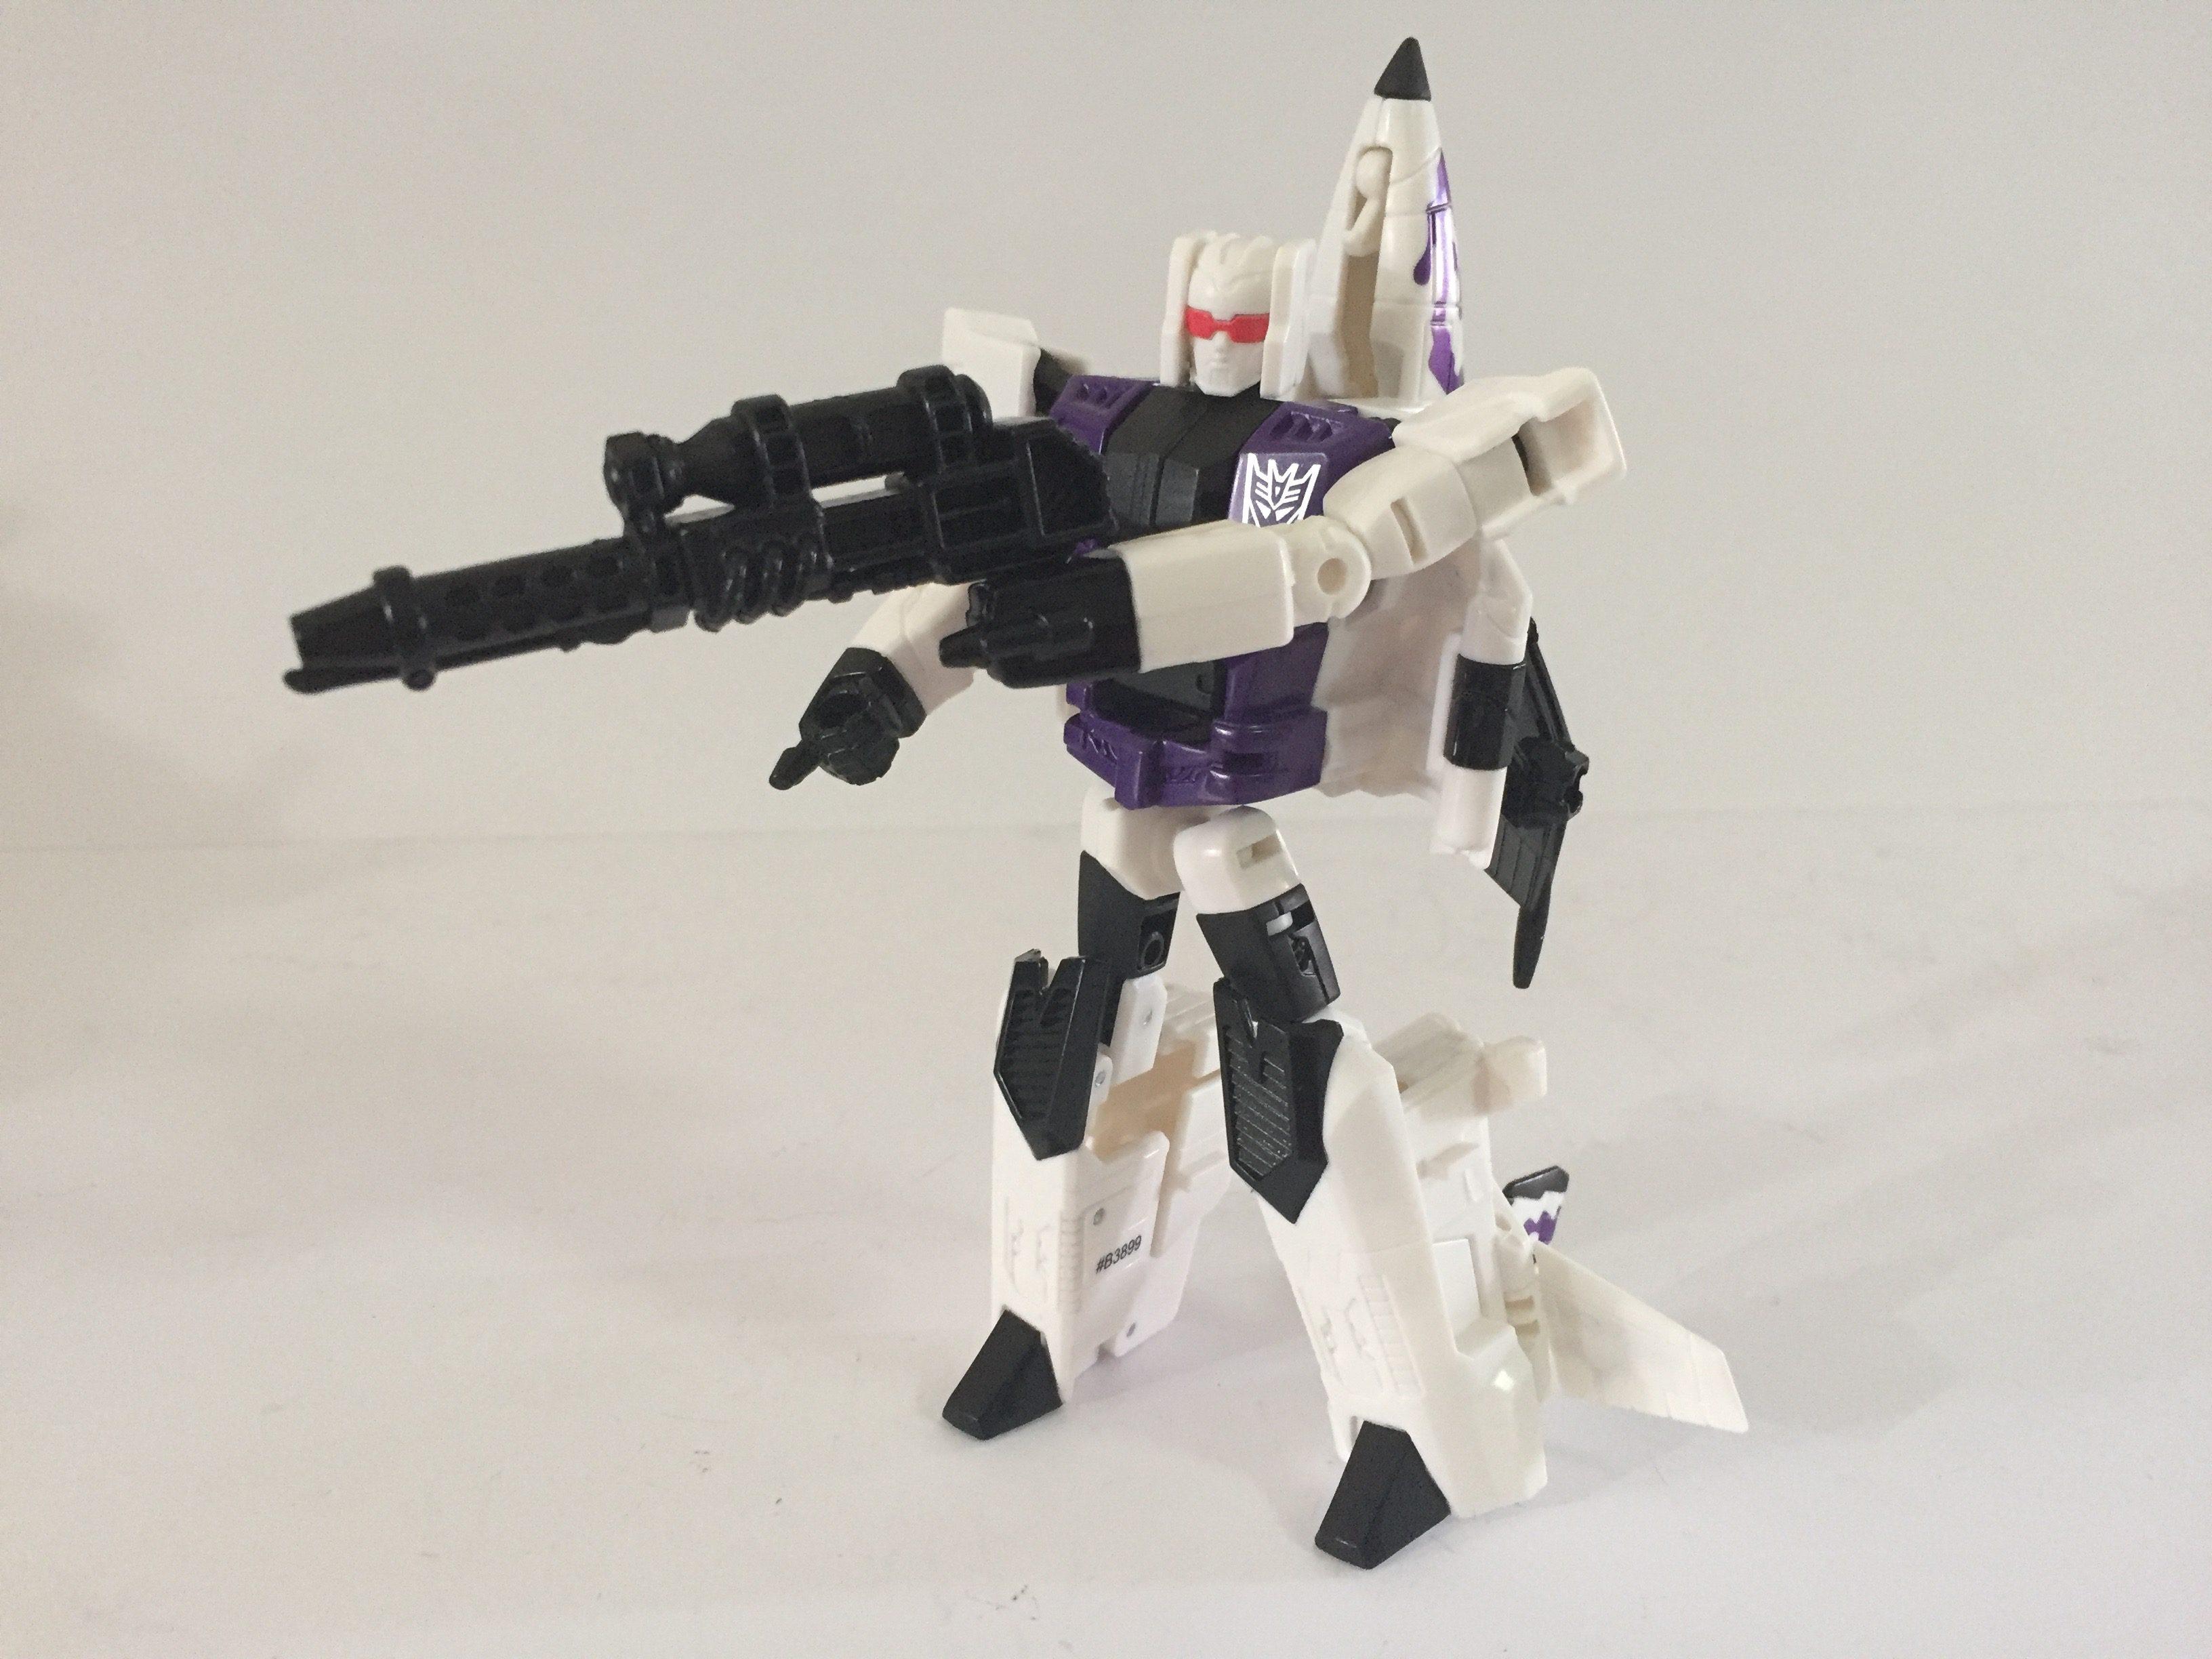 Robot mode. (G2 Blast Off)